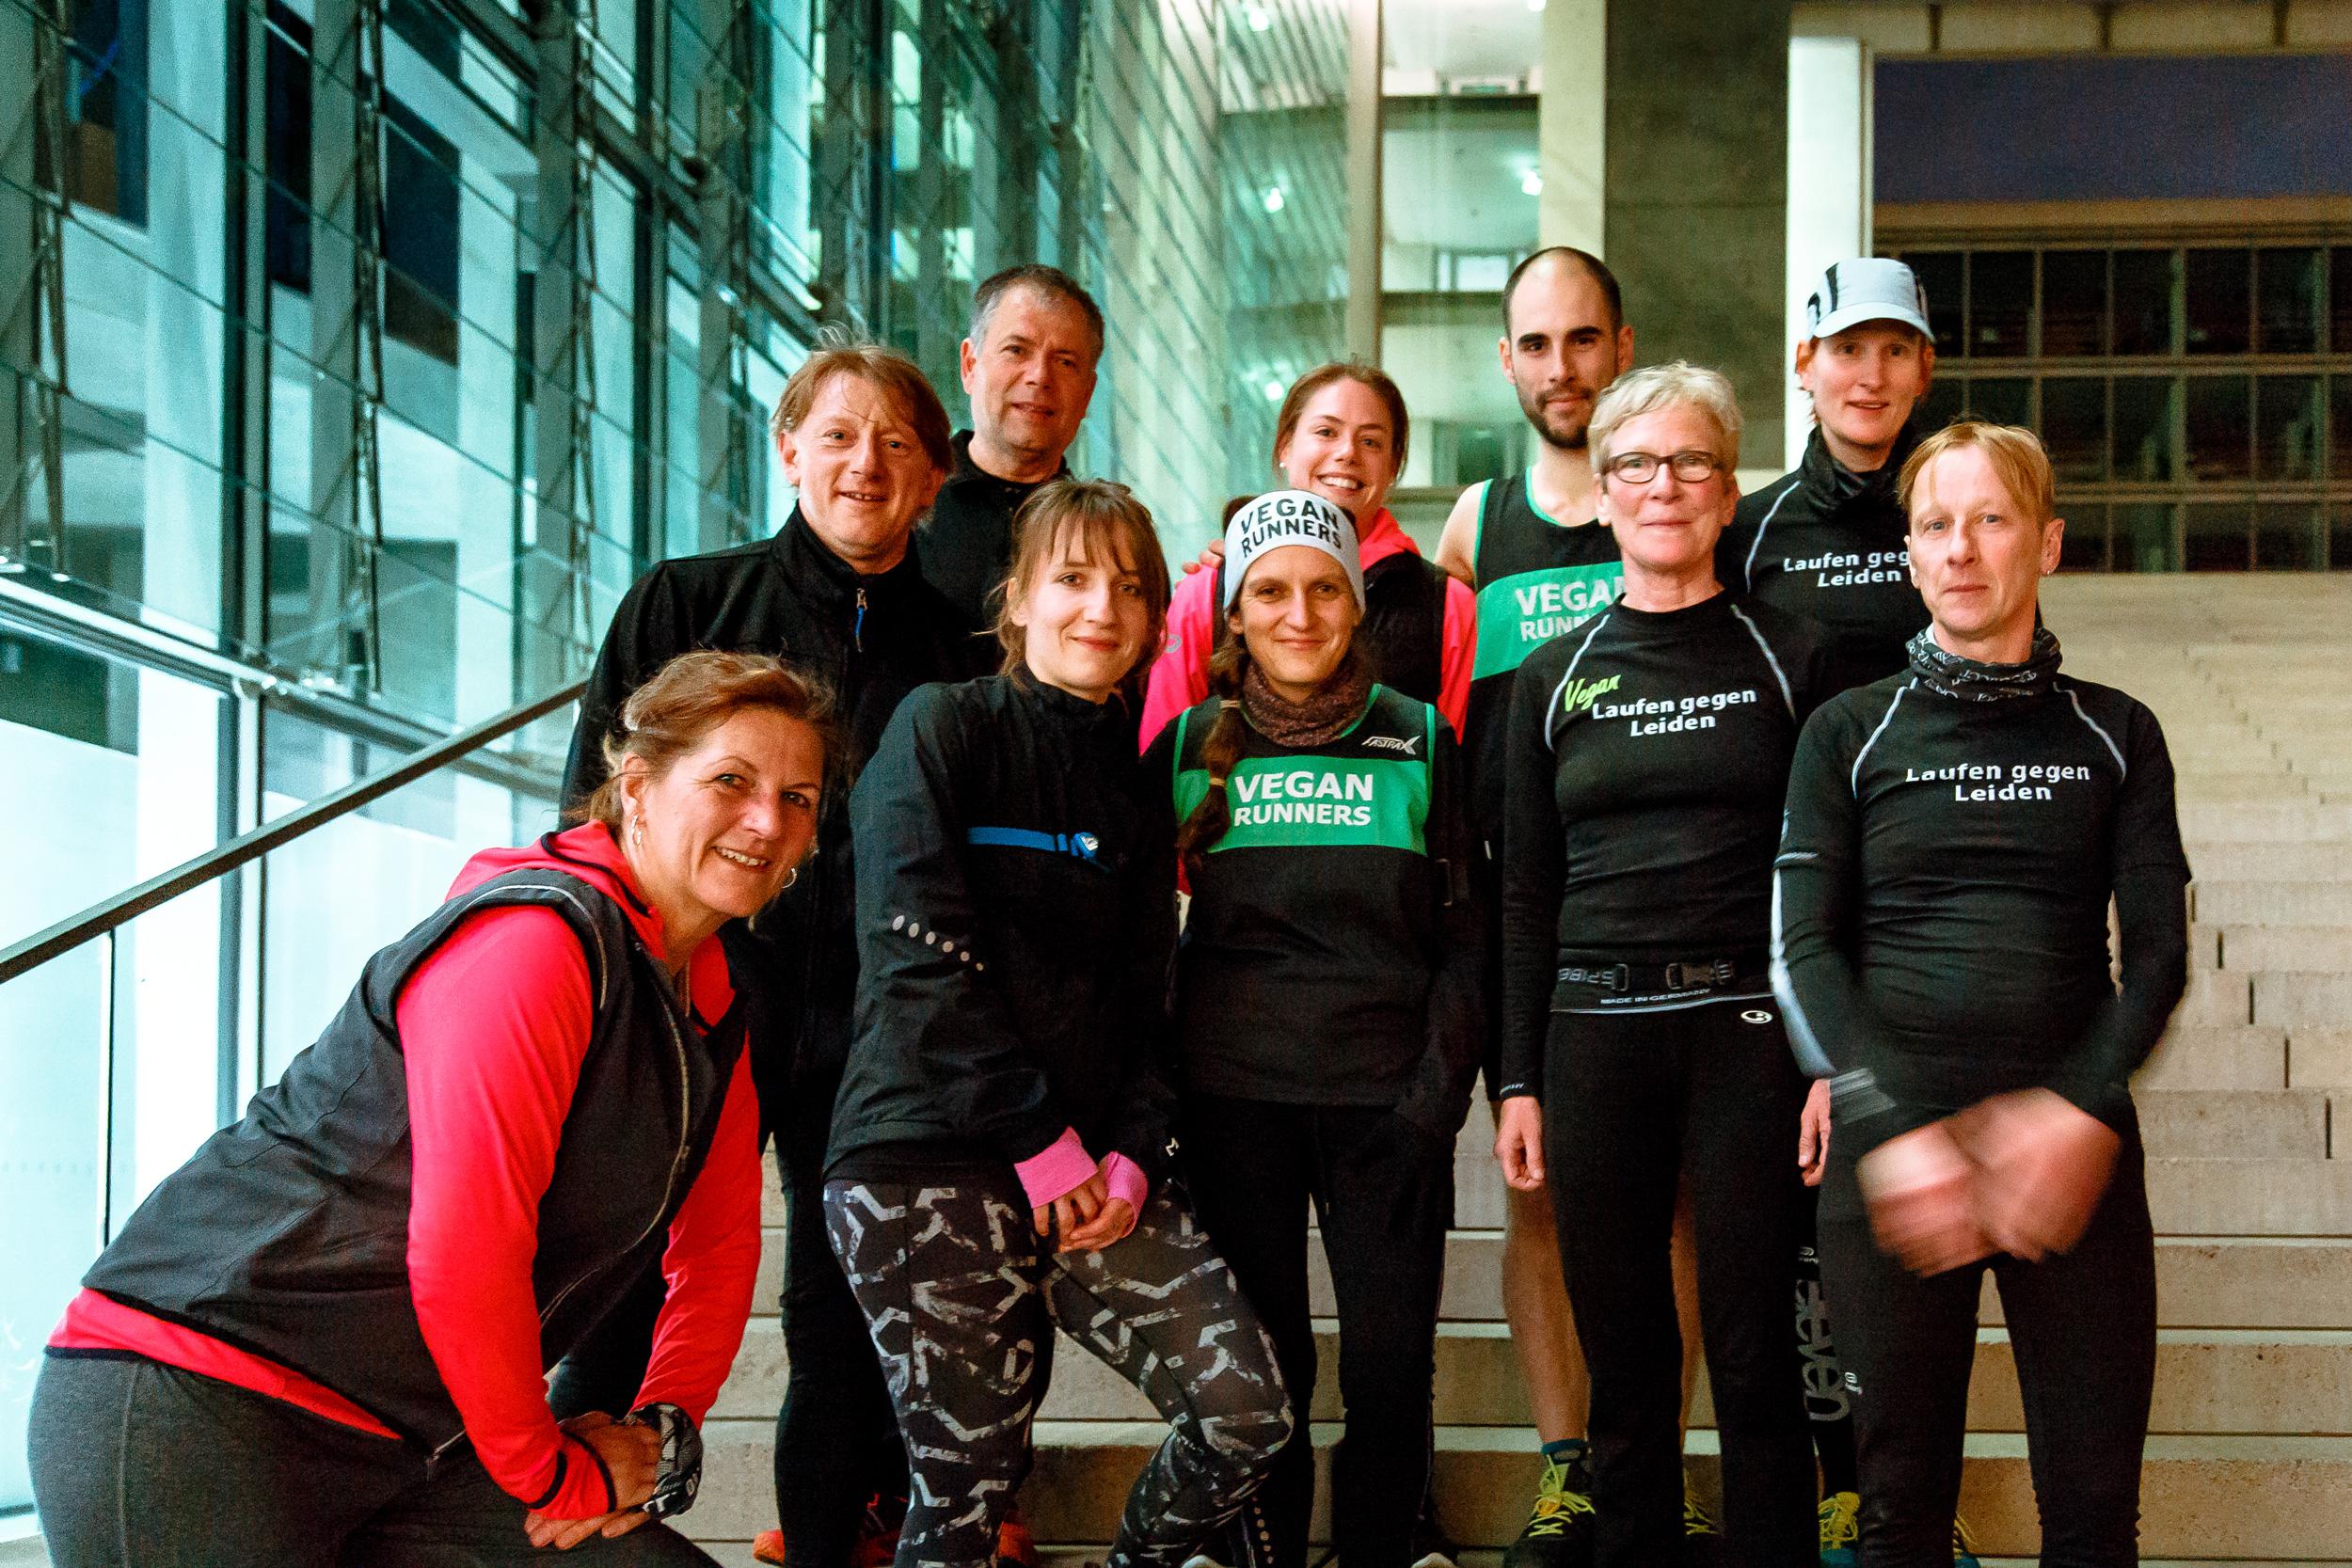 Gruppenbild vom 22.04.16, welches der Fotograf Thomas Franke spontan im Regierungsviertel aufnahm und uns netterweise auch zur Verfügung stellte (Quelle: flickr.com/photos/einfaltspinsel/)